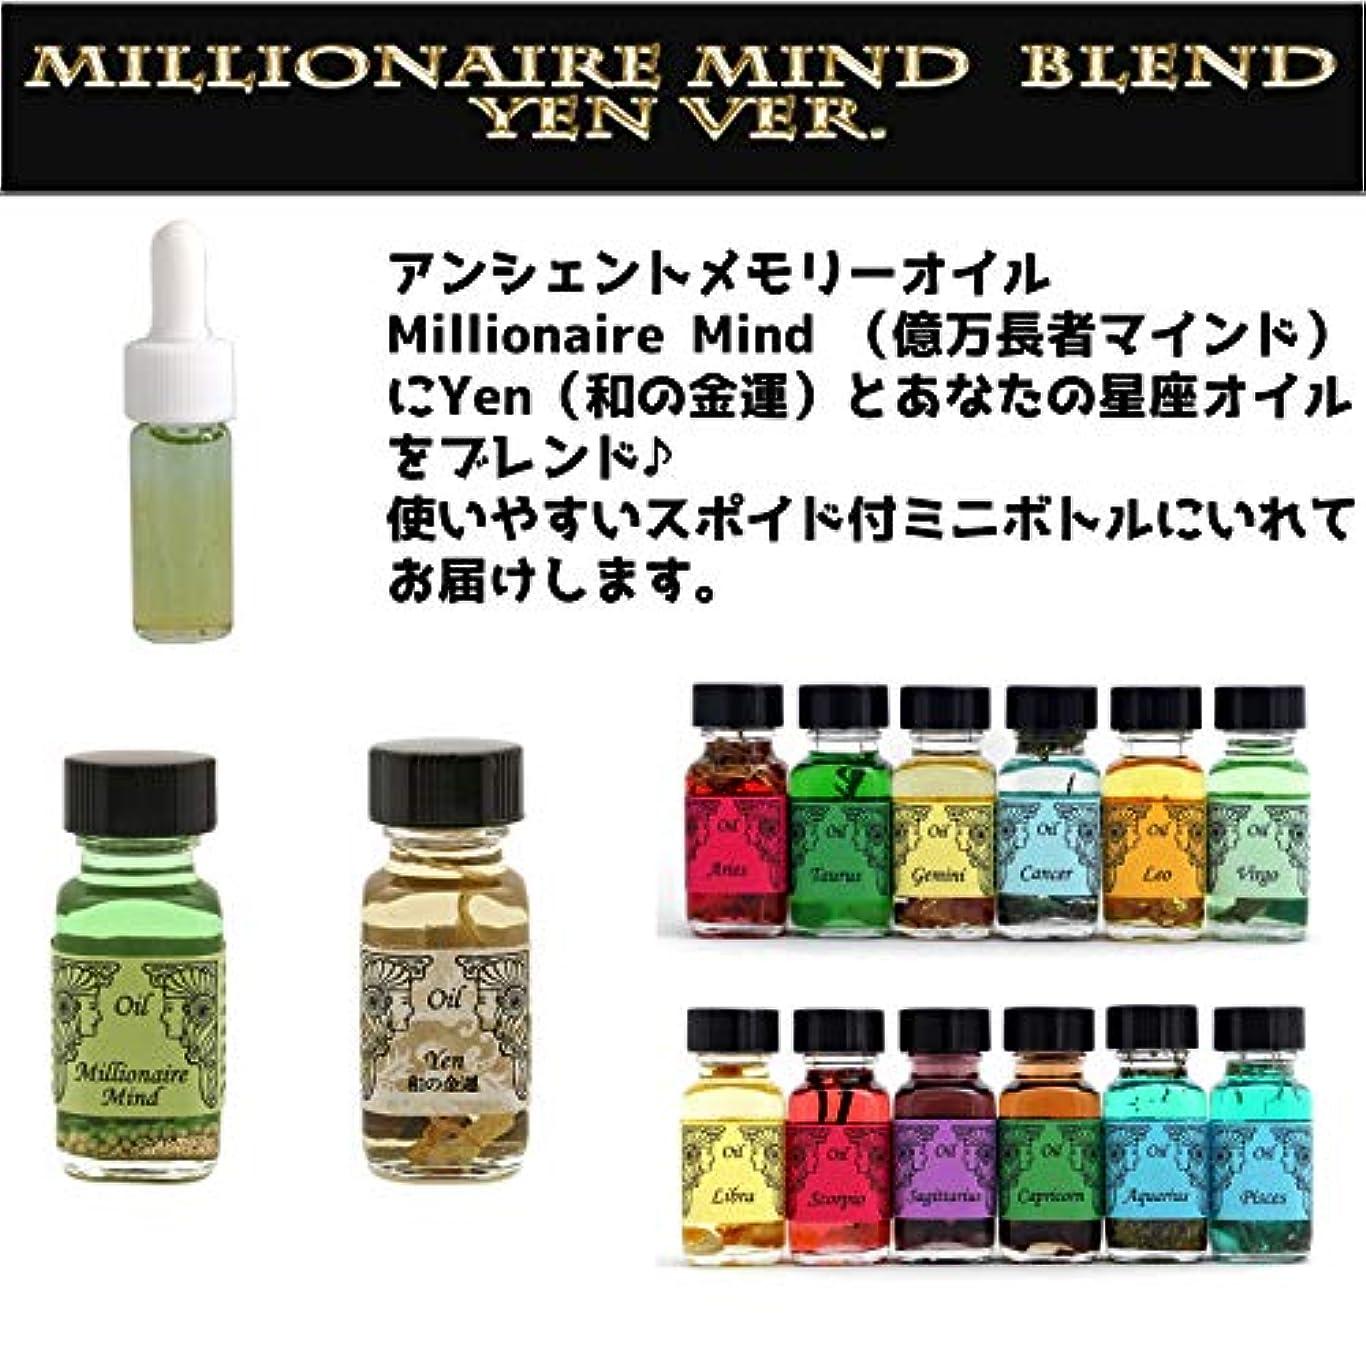 汚す作り損傷アンシェントメモリーオイル Millionaire Mind 億万長者マインド ブレンド【Yen 和の金運&ふたご座】